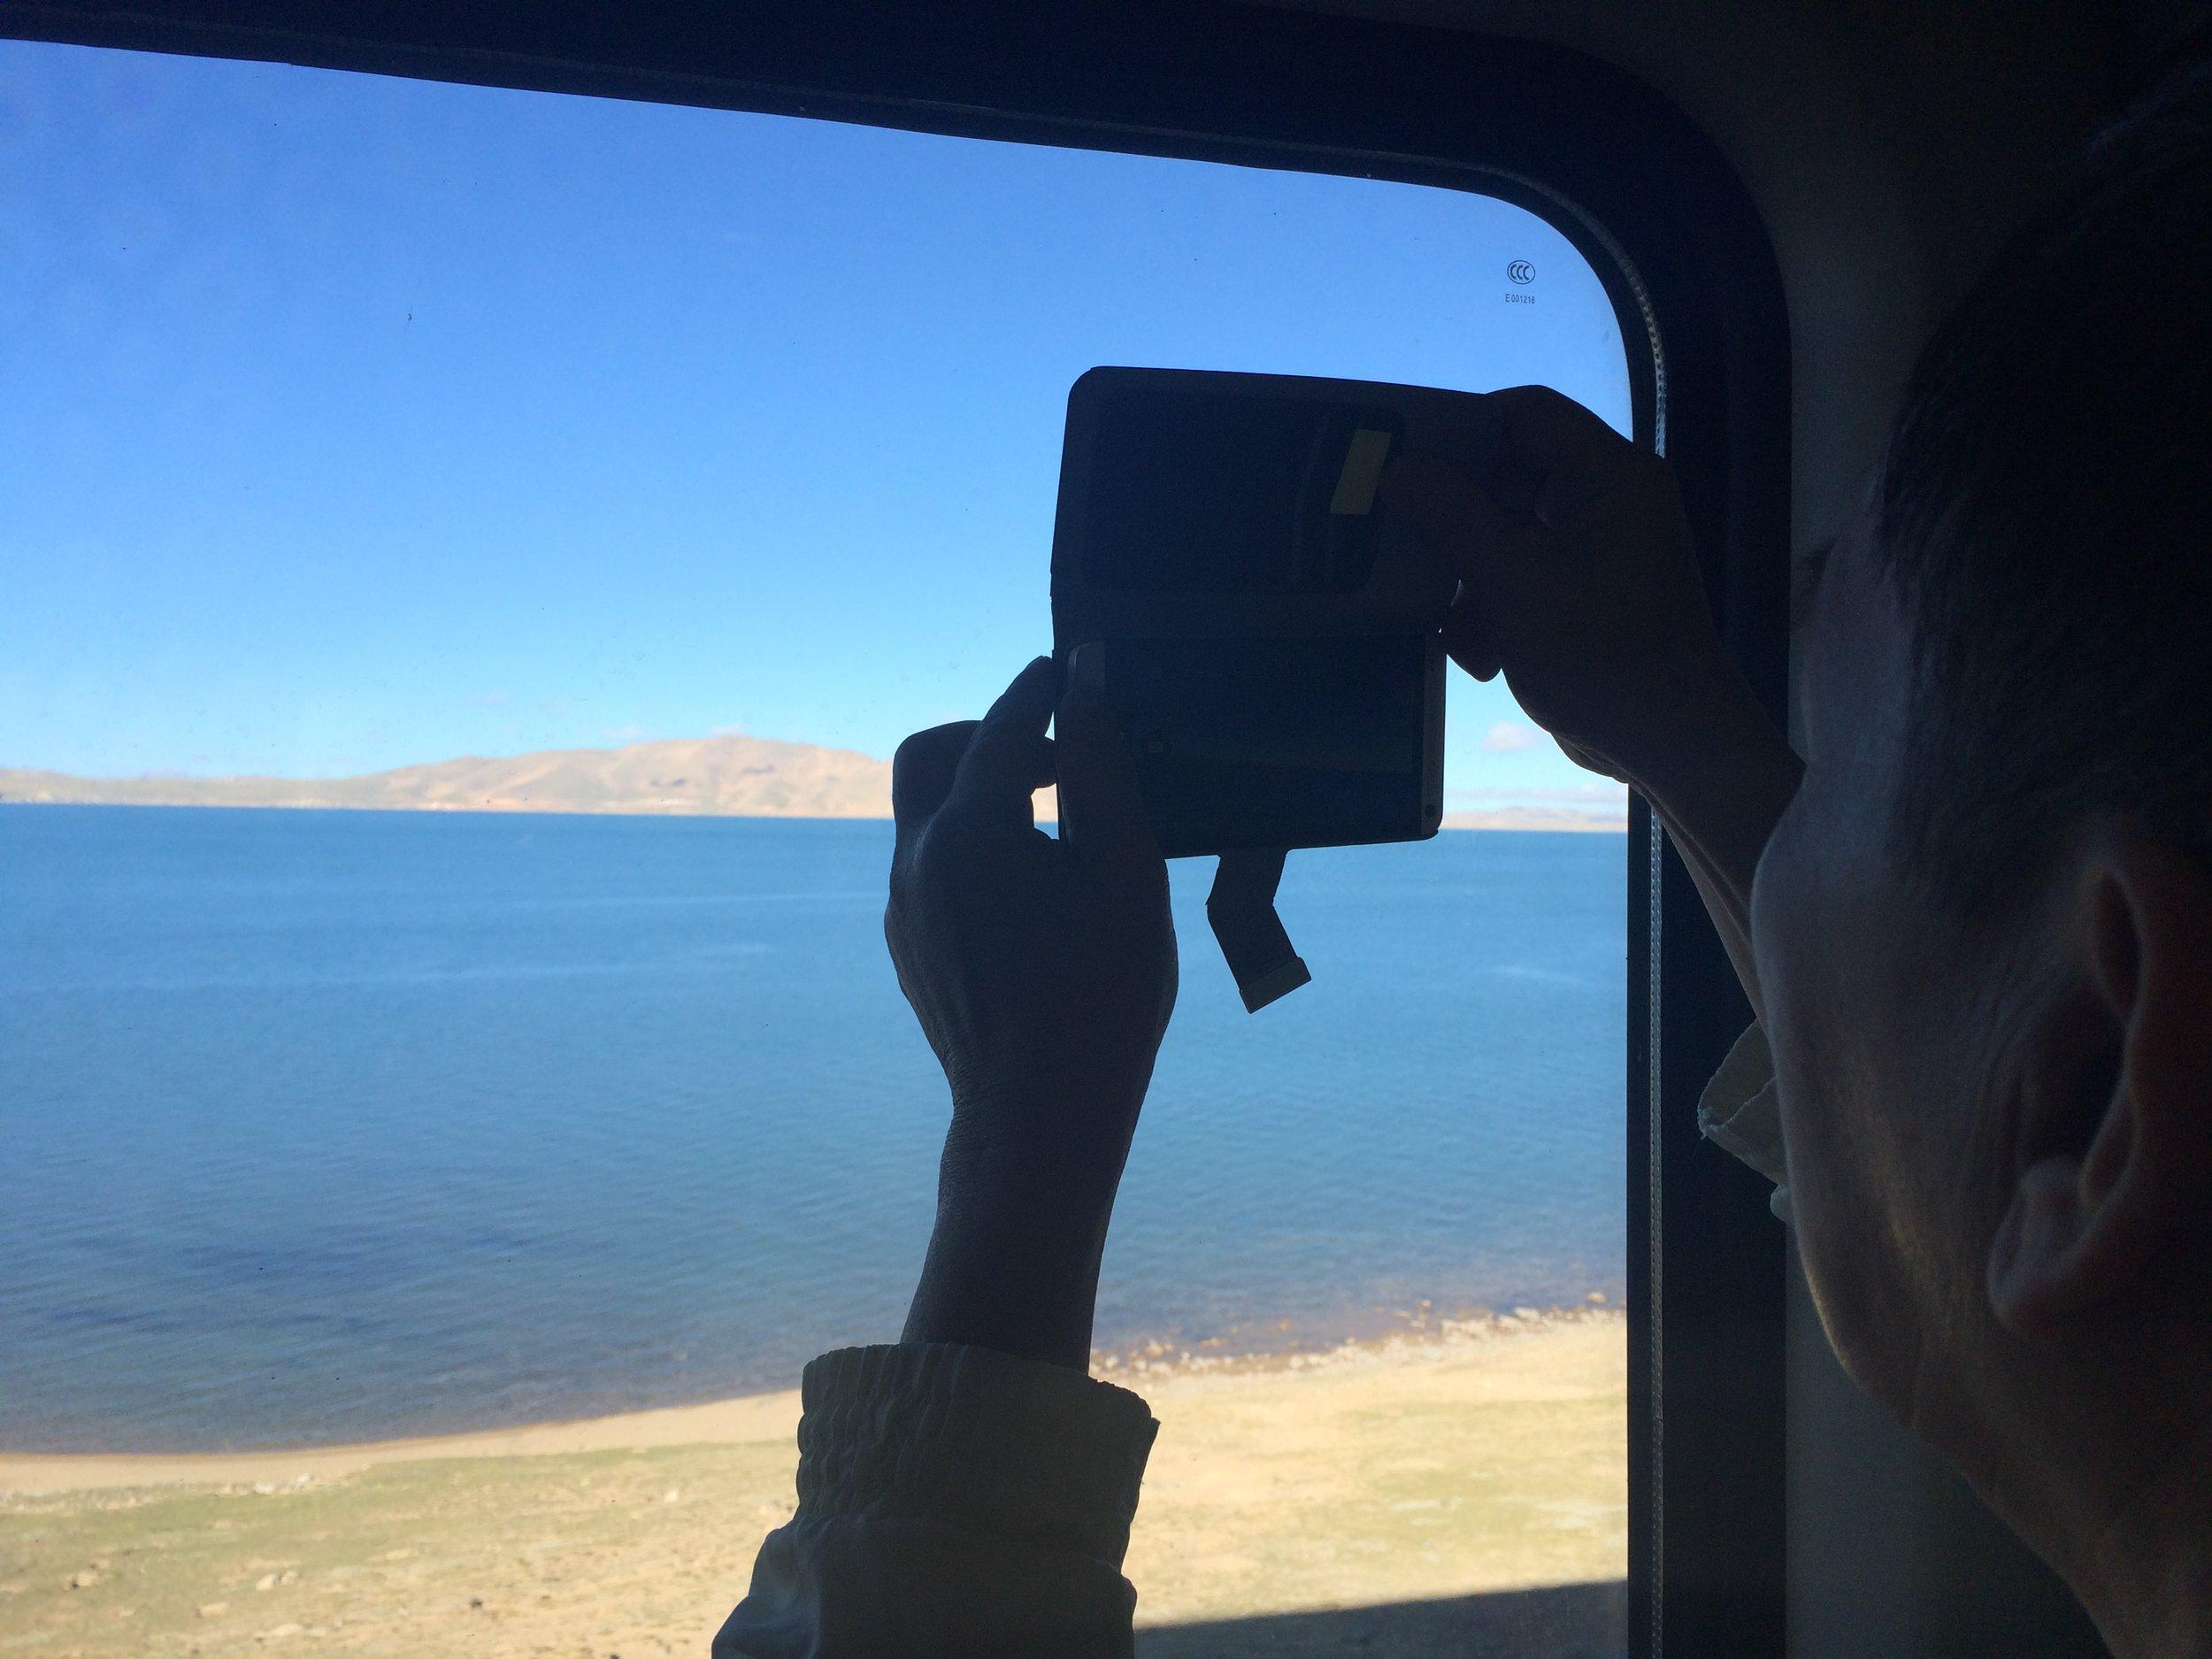 想要无反射阴影的照片,记得把镜头贴在玻璃上喔~